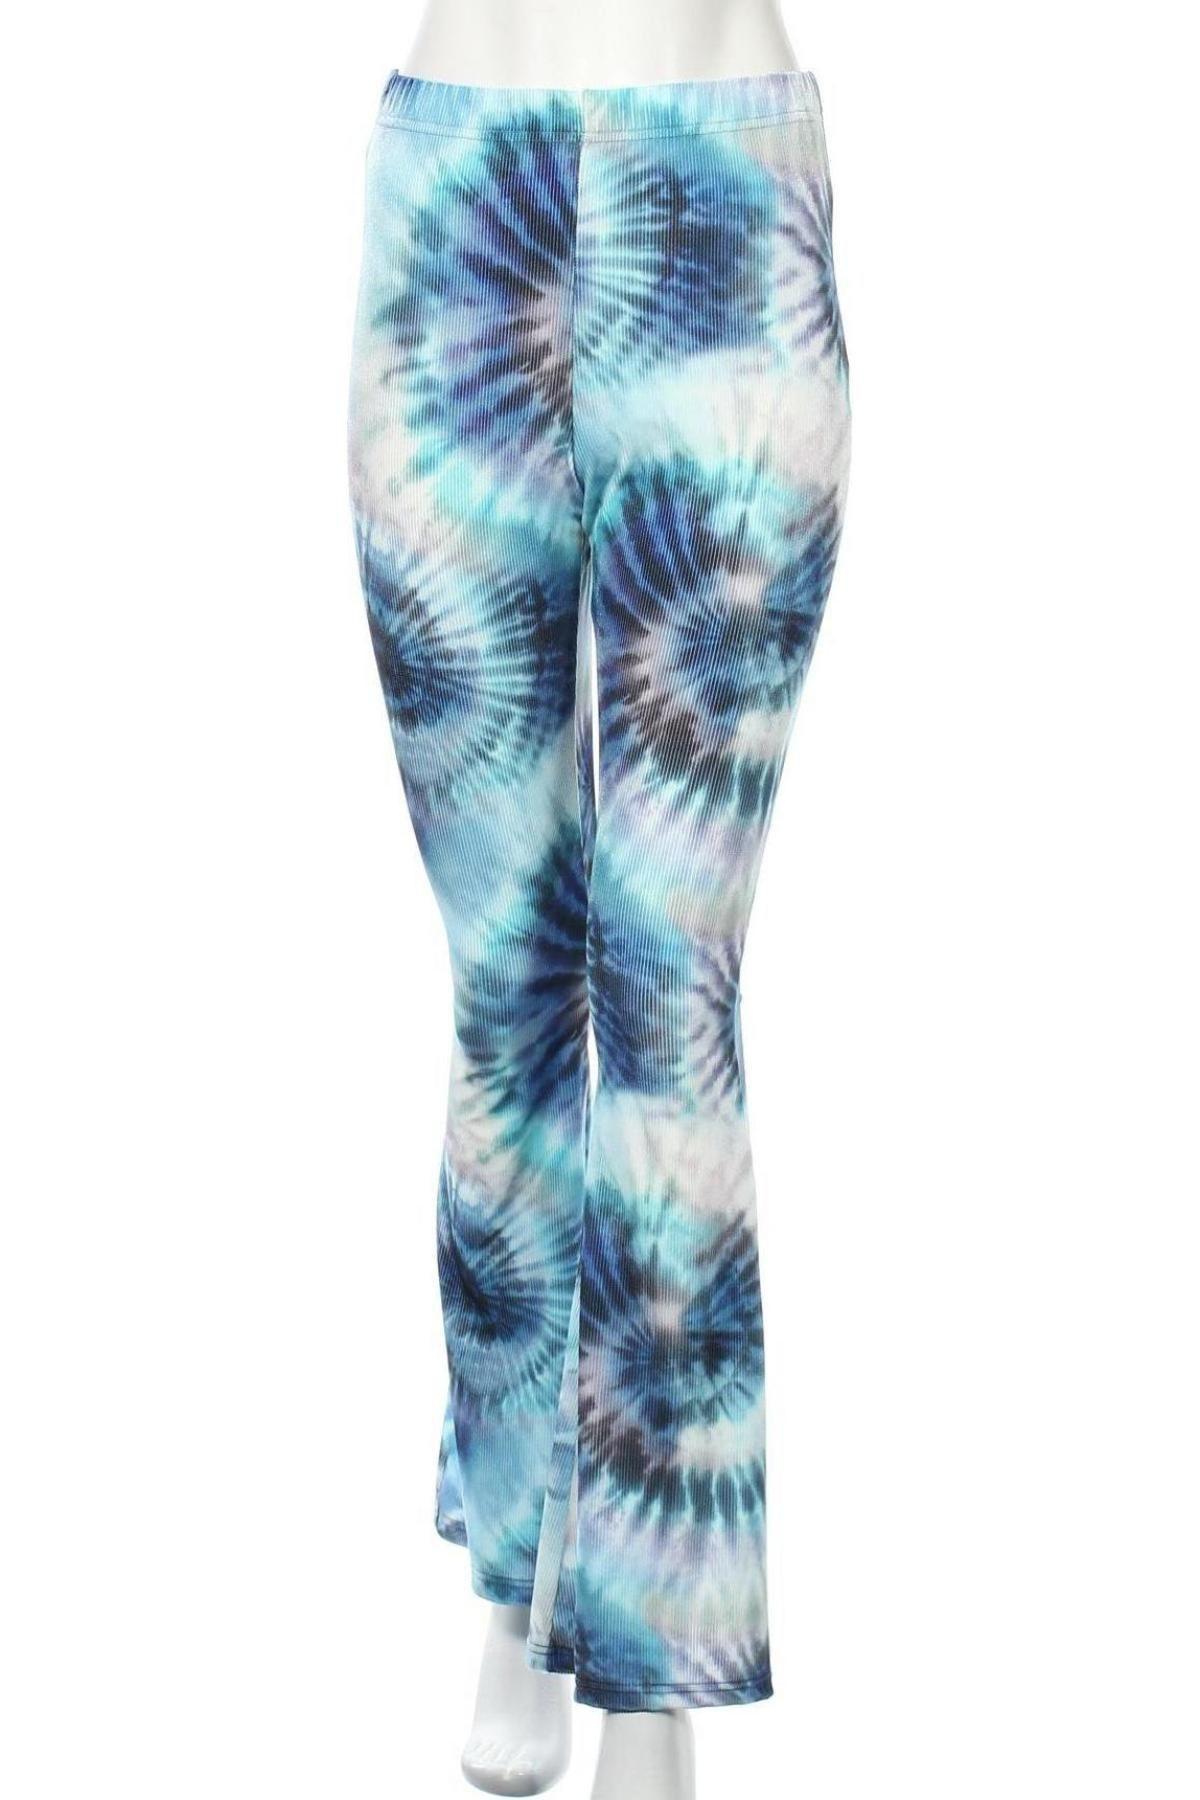 Дамски панталон Urban Outfitters, Размер S, Цвят Многоцветен, 92% полиестер, 8% еластан, Цена 15,24лв.